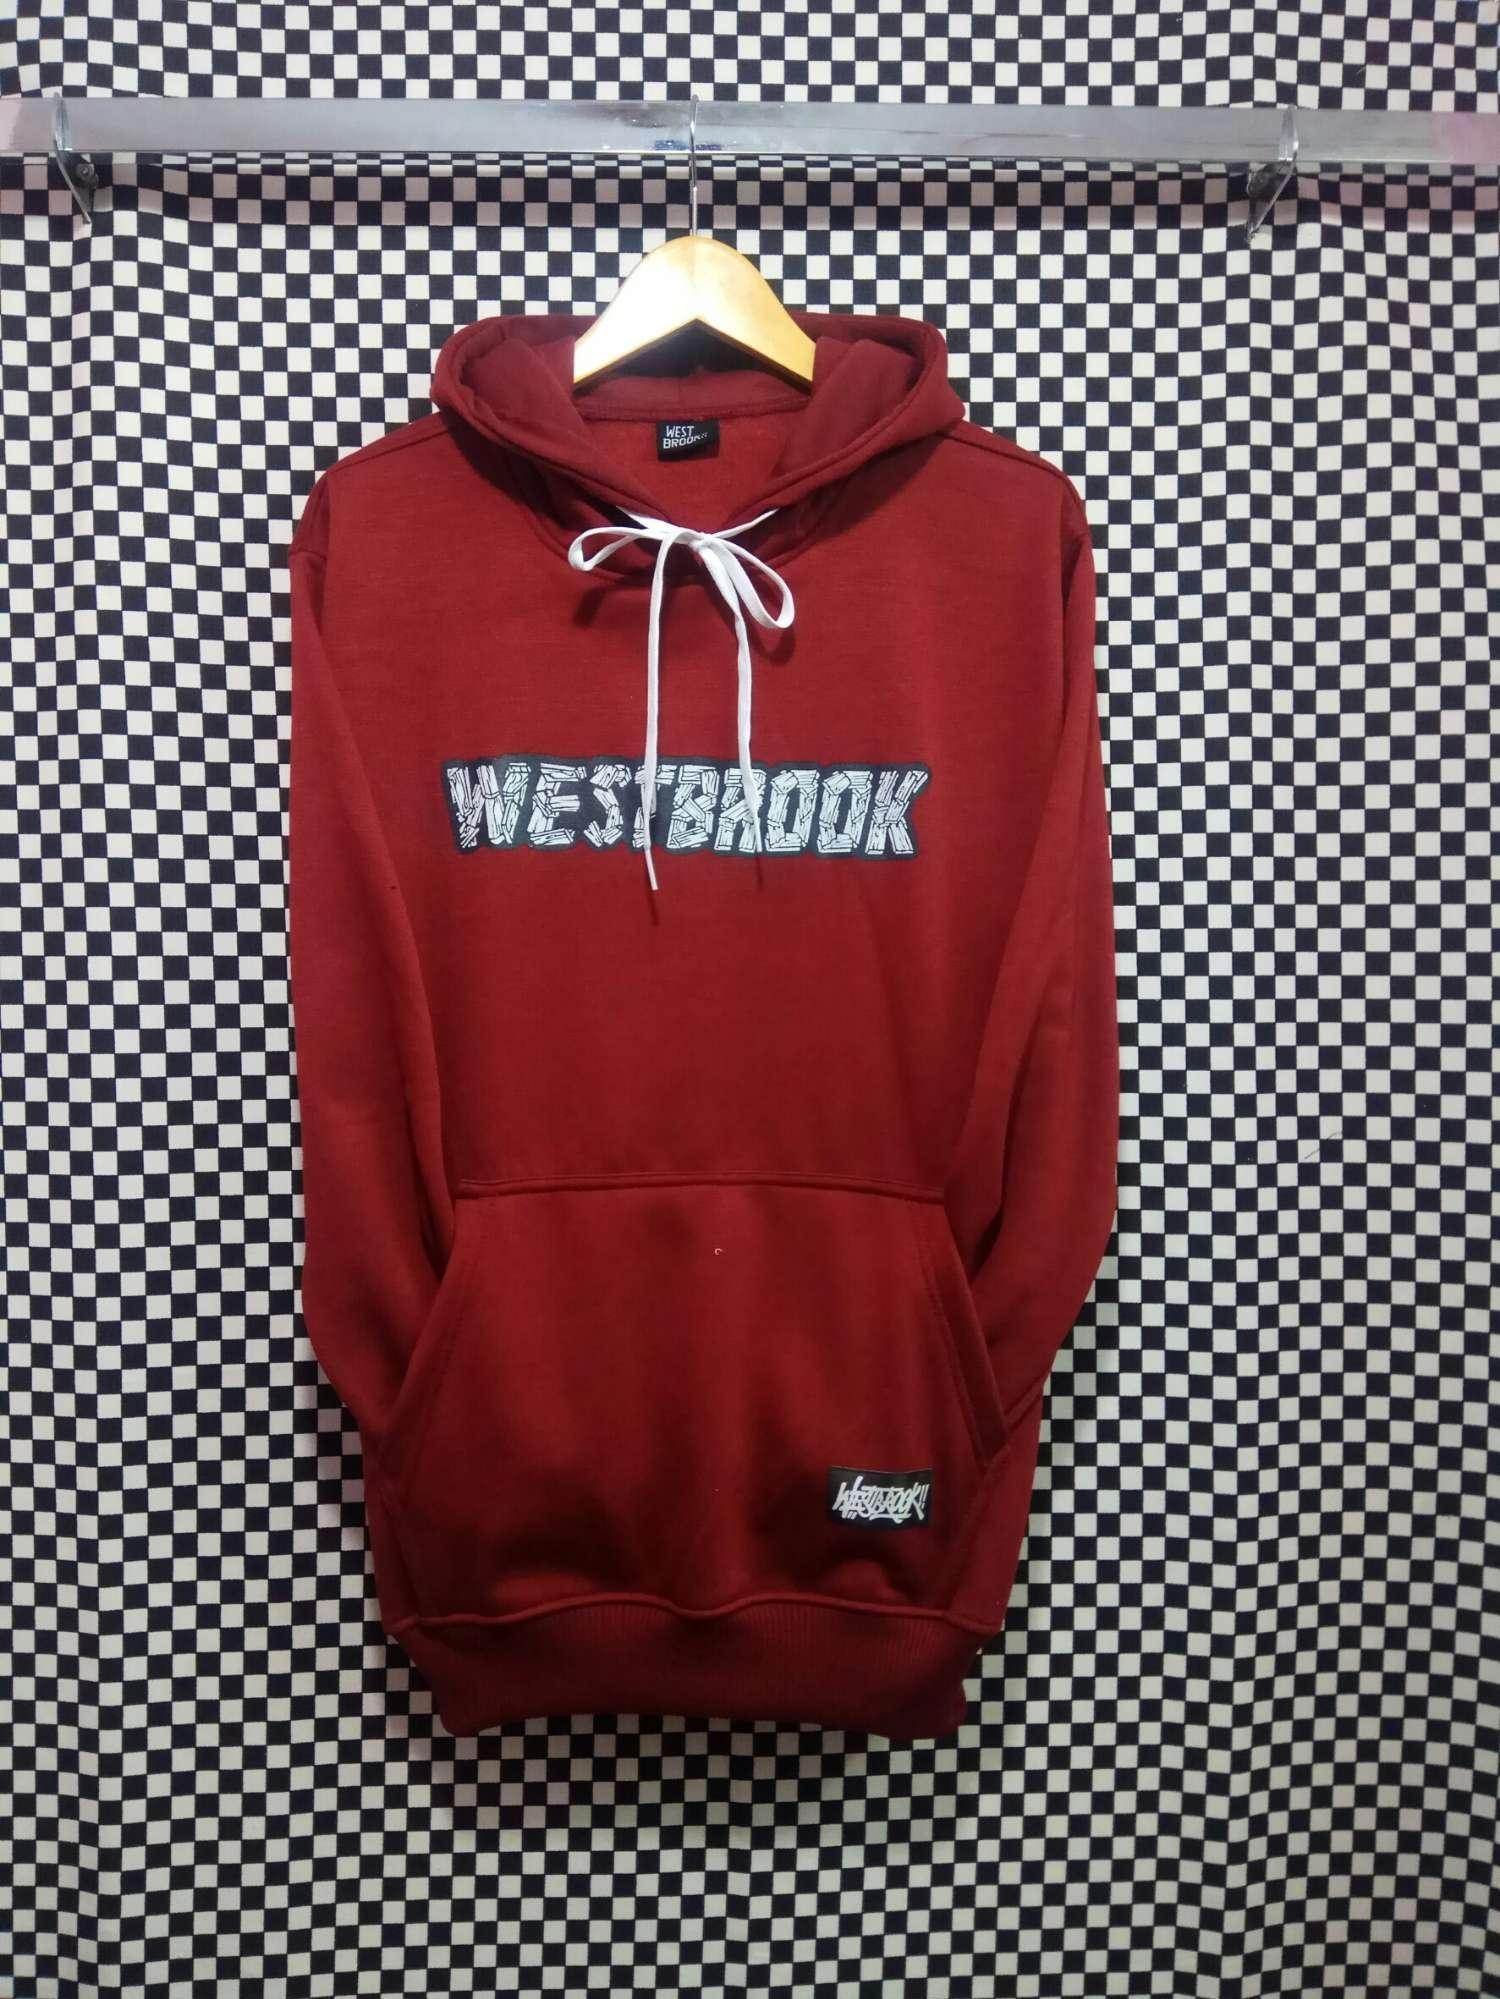 jaket wetbrook. maroon/ jaket hoodie distro pria premium/ jaket pria / jaket distro / jaket pria / bayar tempat – rieliez